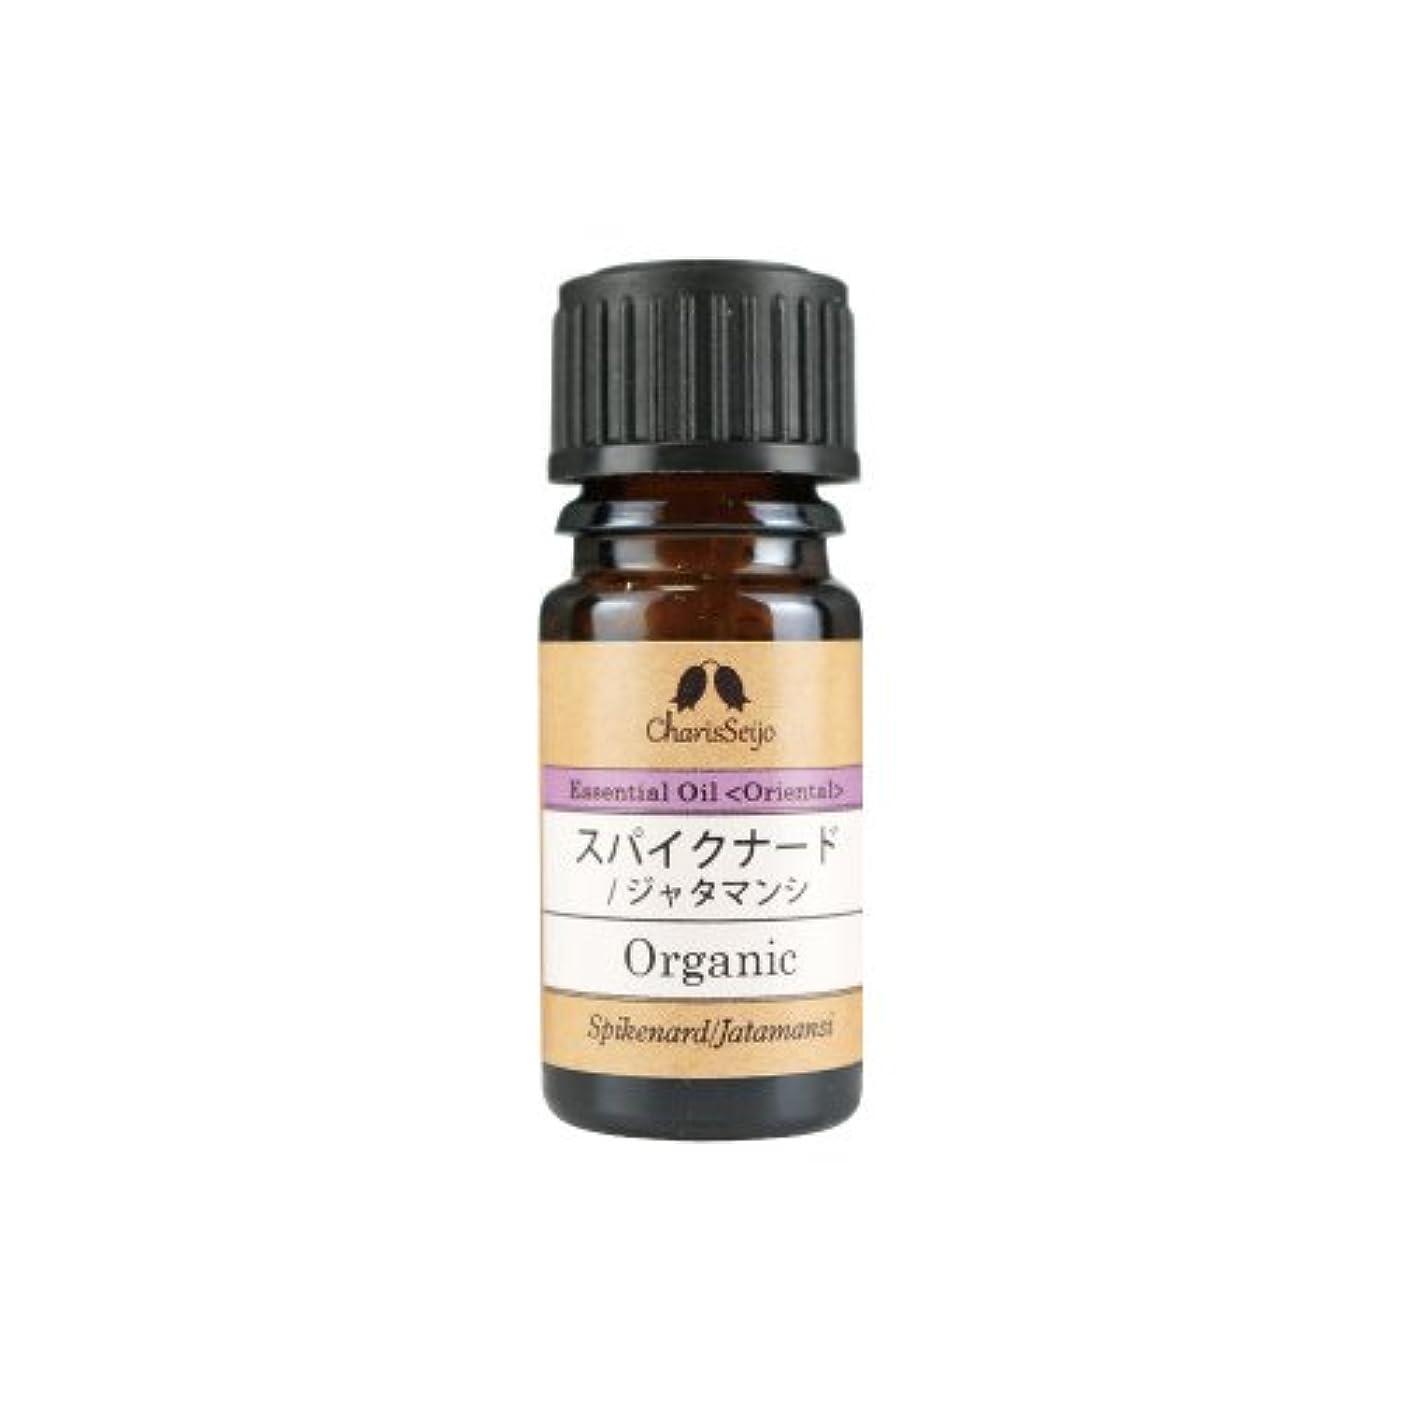 船外ミネラル信念カリス エッセンシャルオイル スパイクナード/ジャタマンシ Organic 20ml